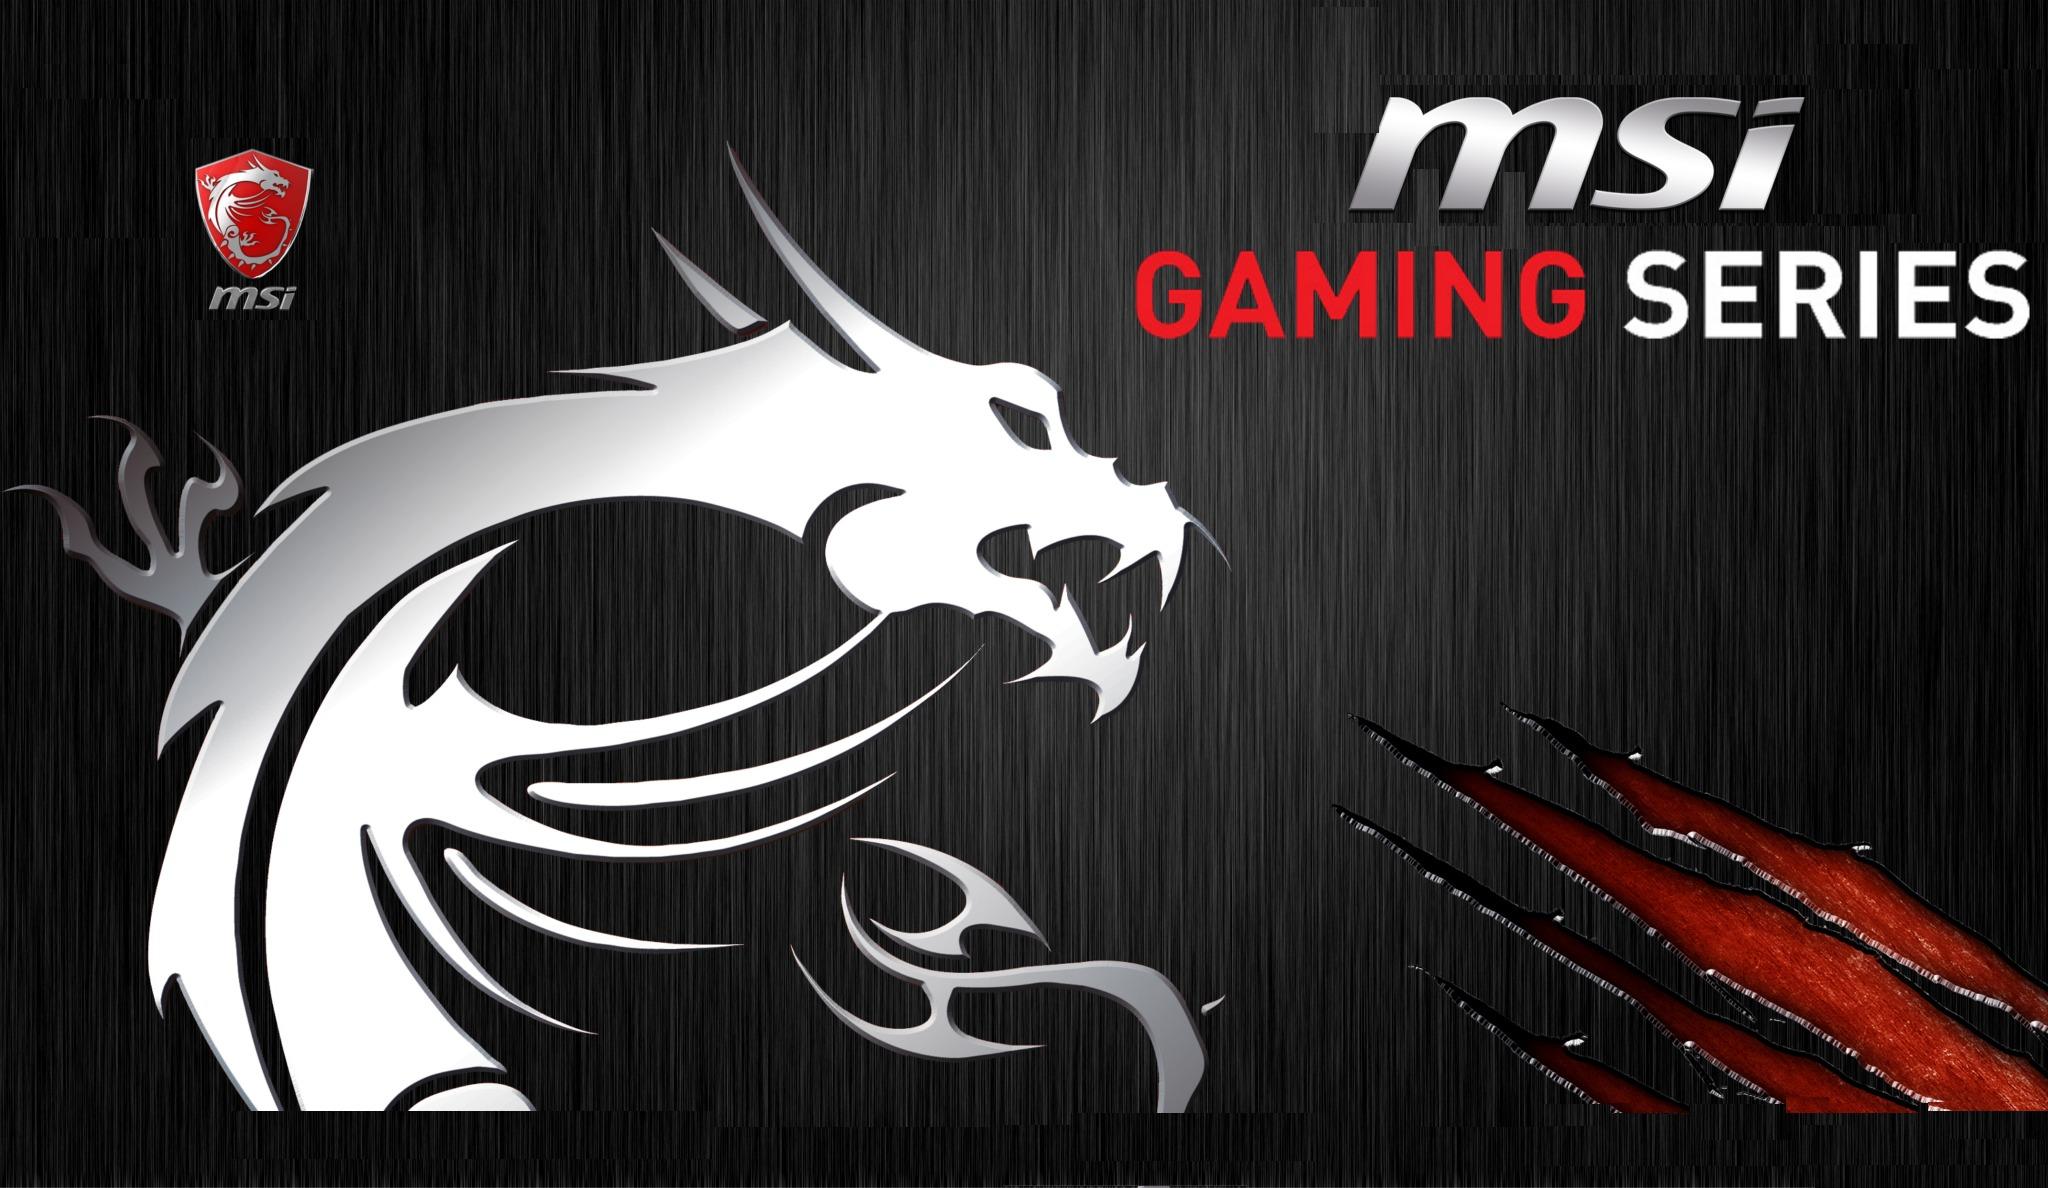 45 Msi Gaming Wallpaper On Wallpapersafari